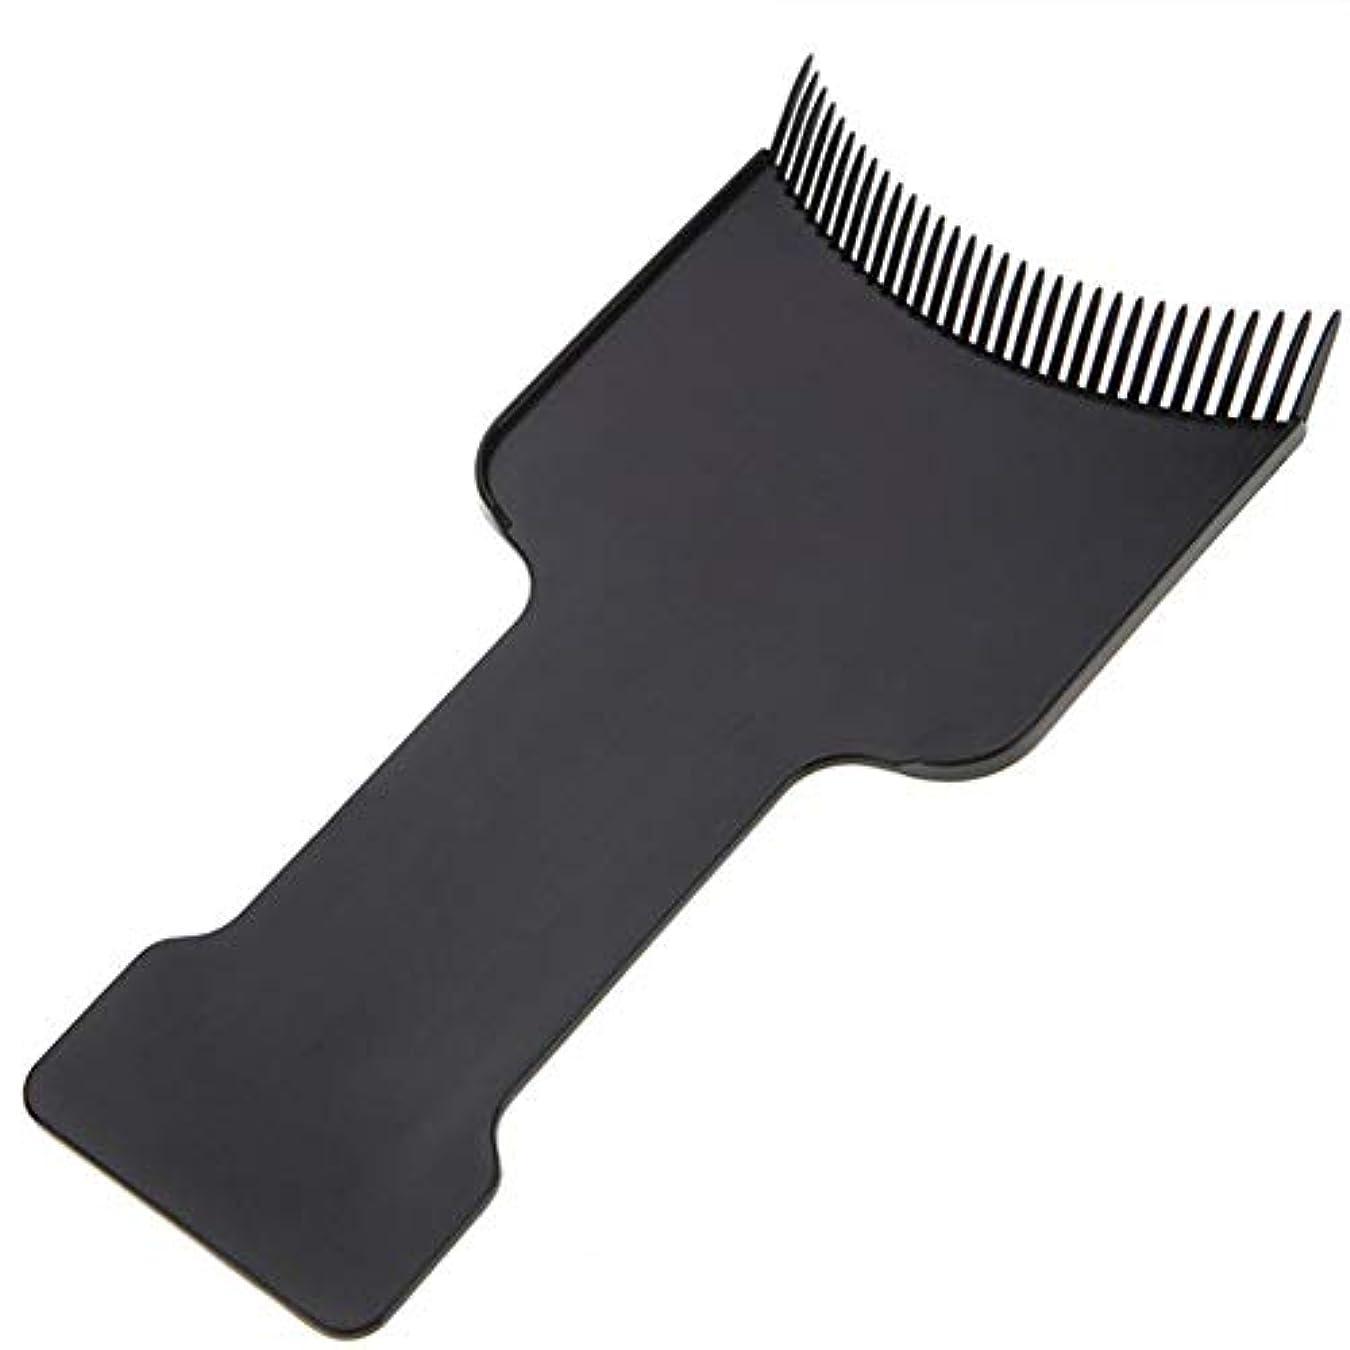 迷信コーナー直面するSILUN 理髪ヘアカラーボード 理髪サロン髪 着色染色ボードヘアトリートメントケアピックカラーボードコーム理髪ツール プロフェッショナルブラックヘアブラシボード理髪美容ツール